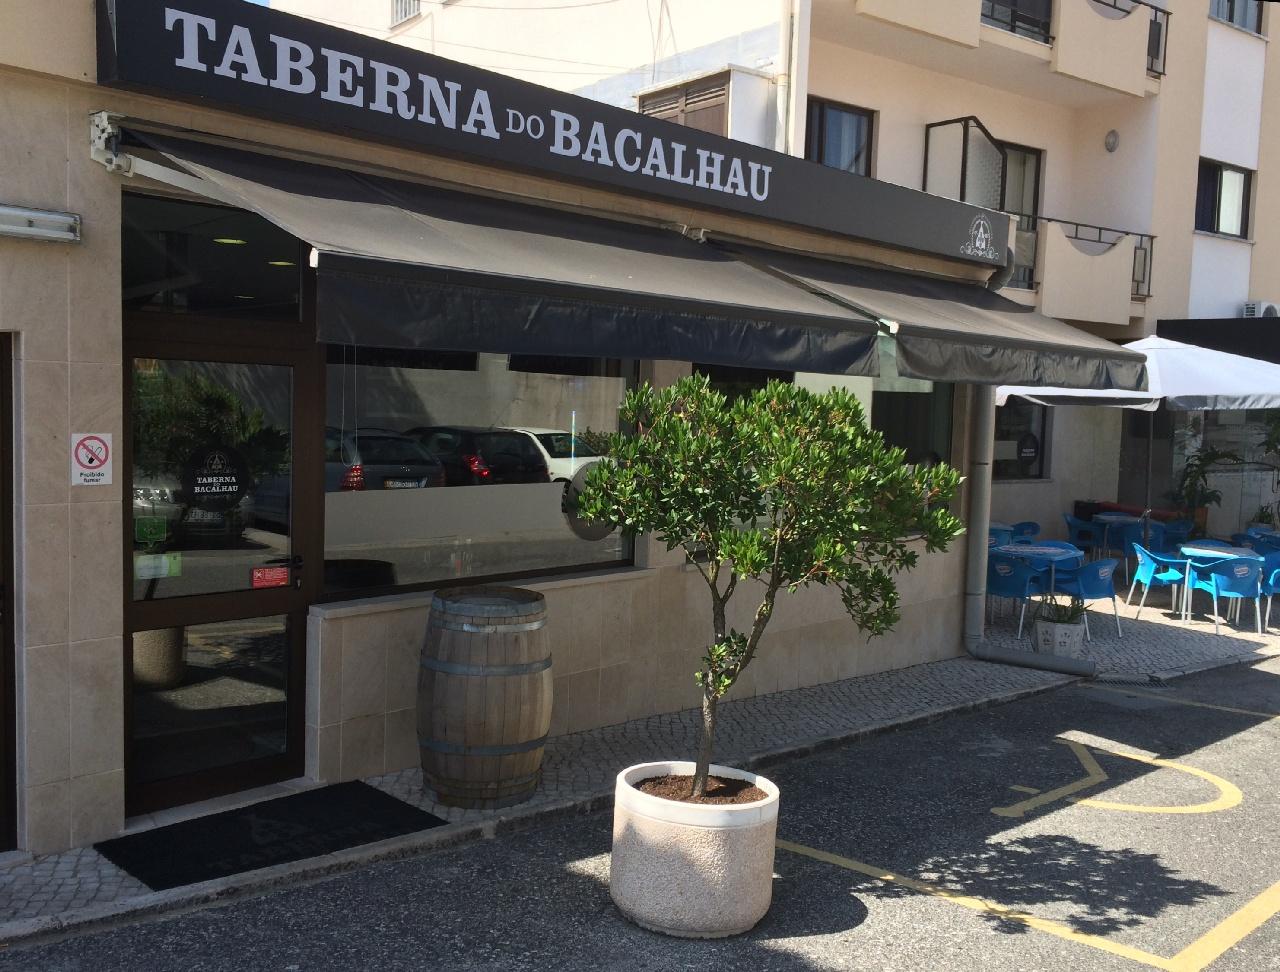 Taberna de Bacalhau